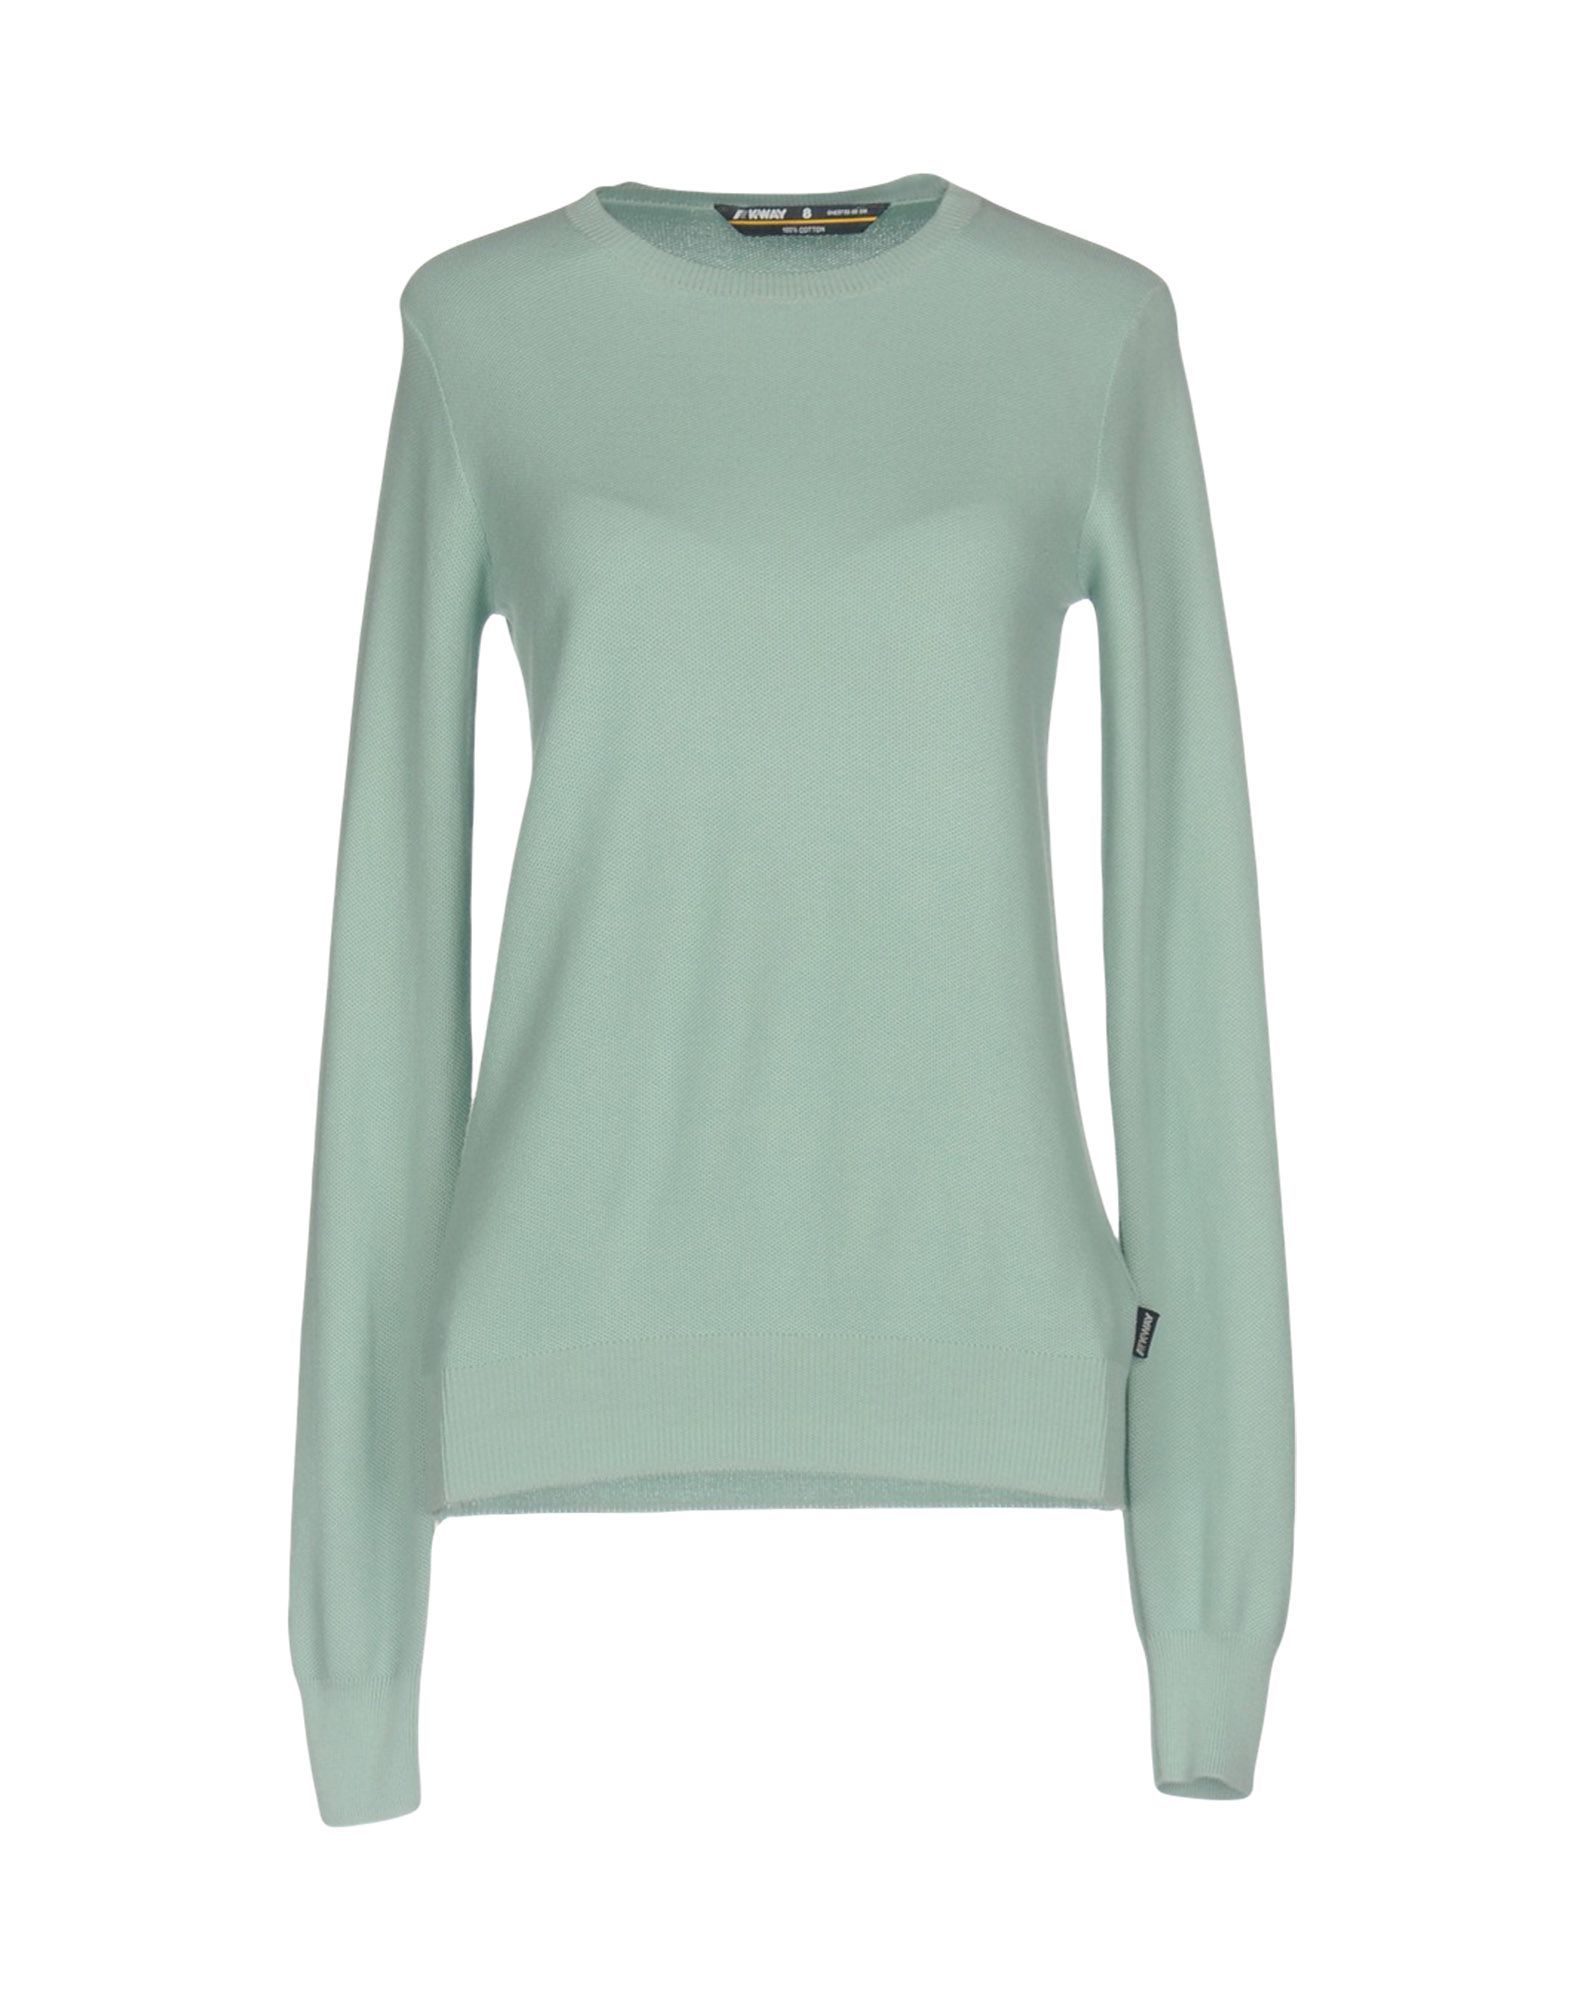 Pullover K-Way Donna - Acquista online su RQ5GzBx9H